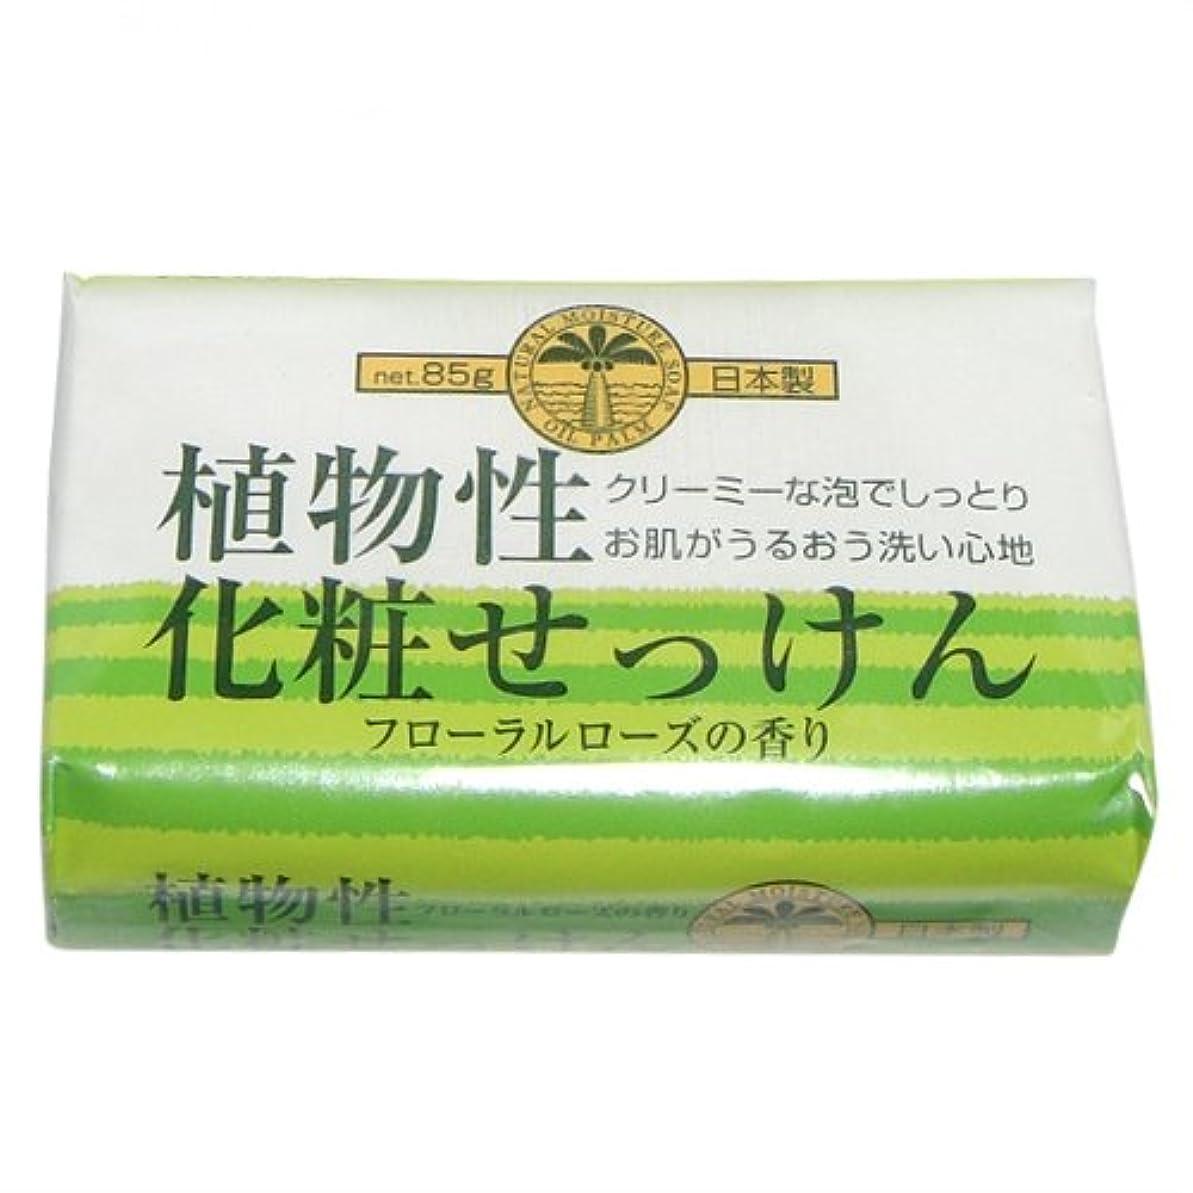 クロニクル隙間工業化する植物性化粧石けん 85g 1個